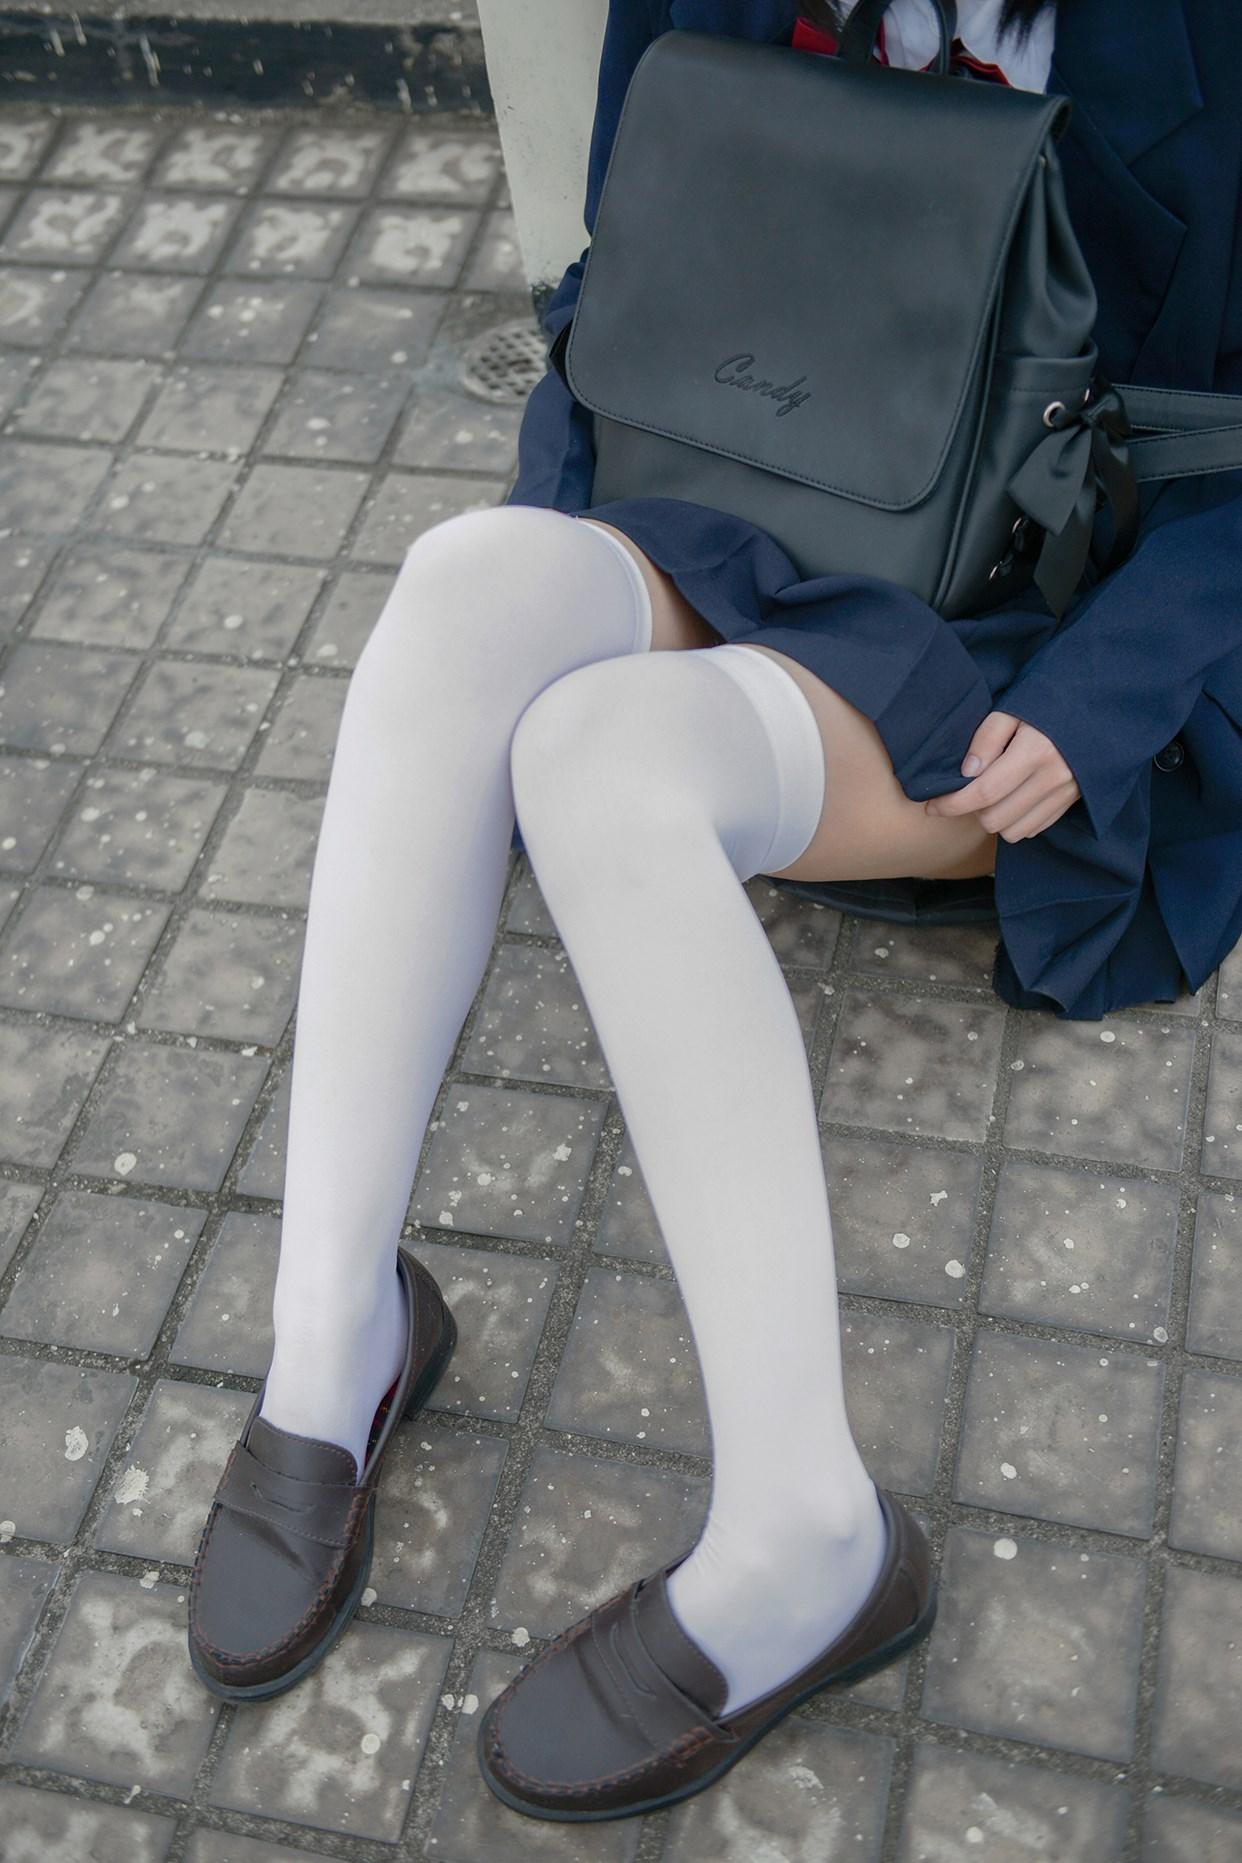 【兔玩映画】天台上的过膝少女 兔玩映画 第38张